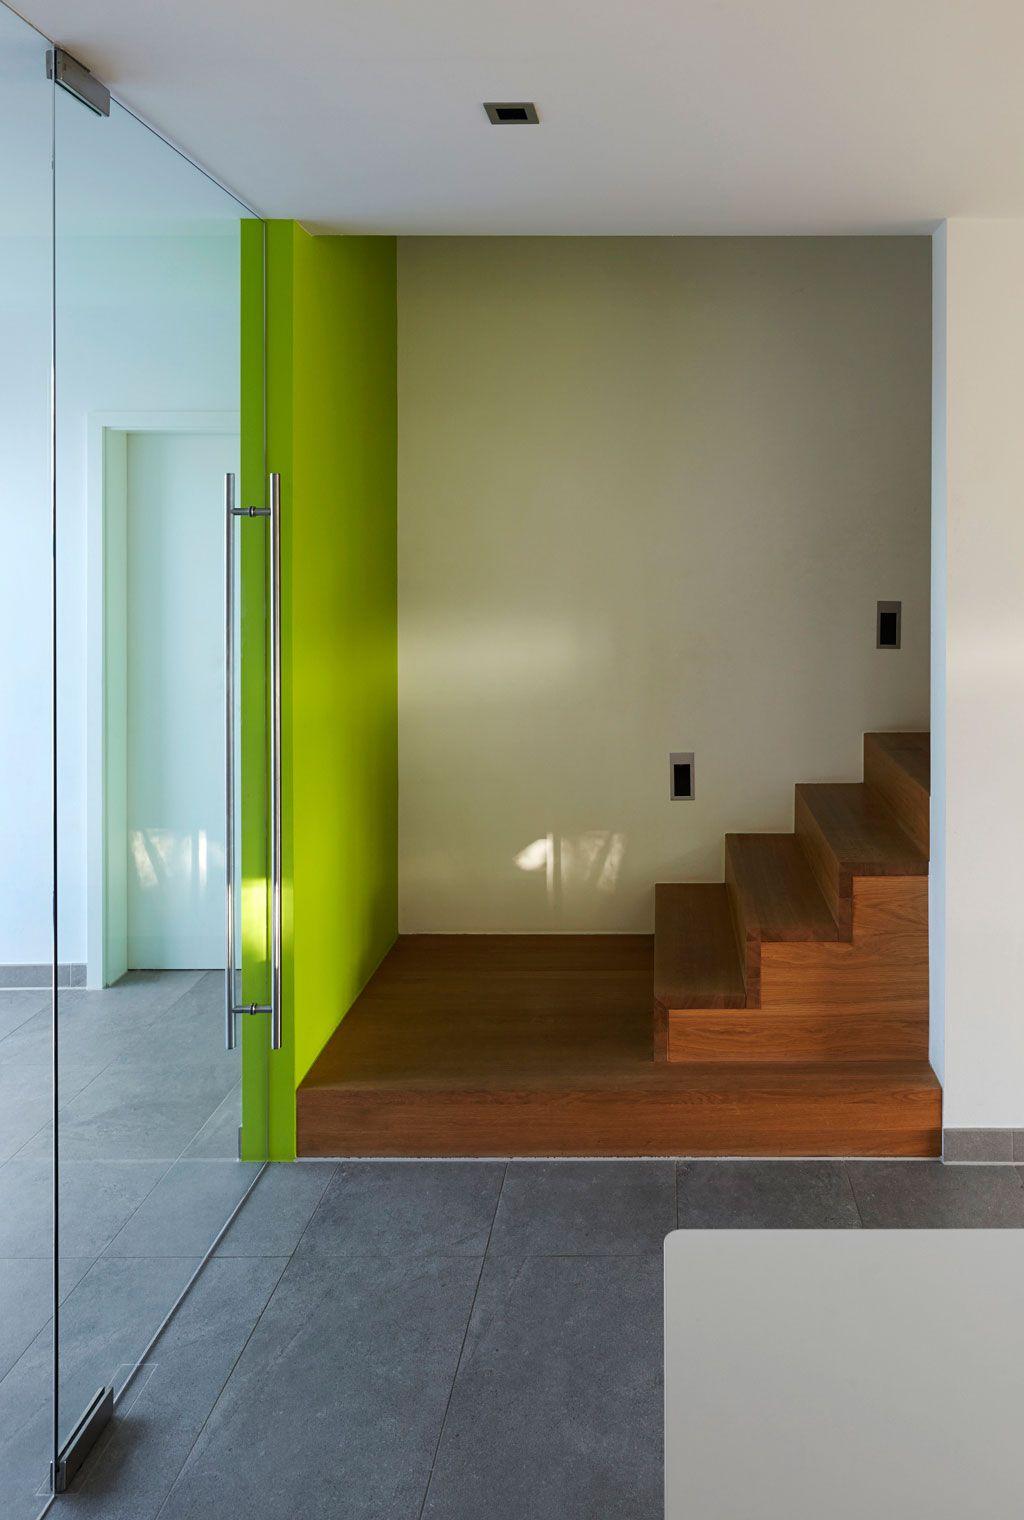 Treppen architektur einfamilienhaus  Fachwerk4 | Architekten BDA, Einfamilienhaus OE, Oberelbert, Treppe ...